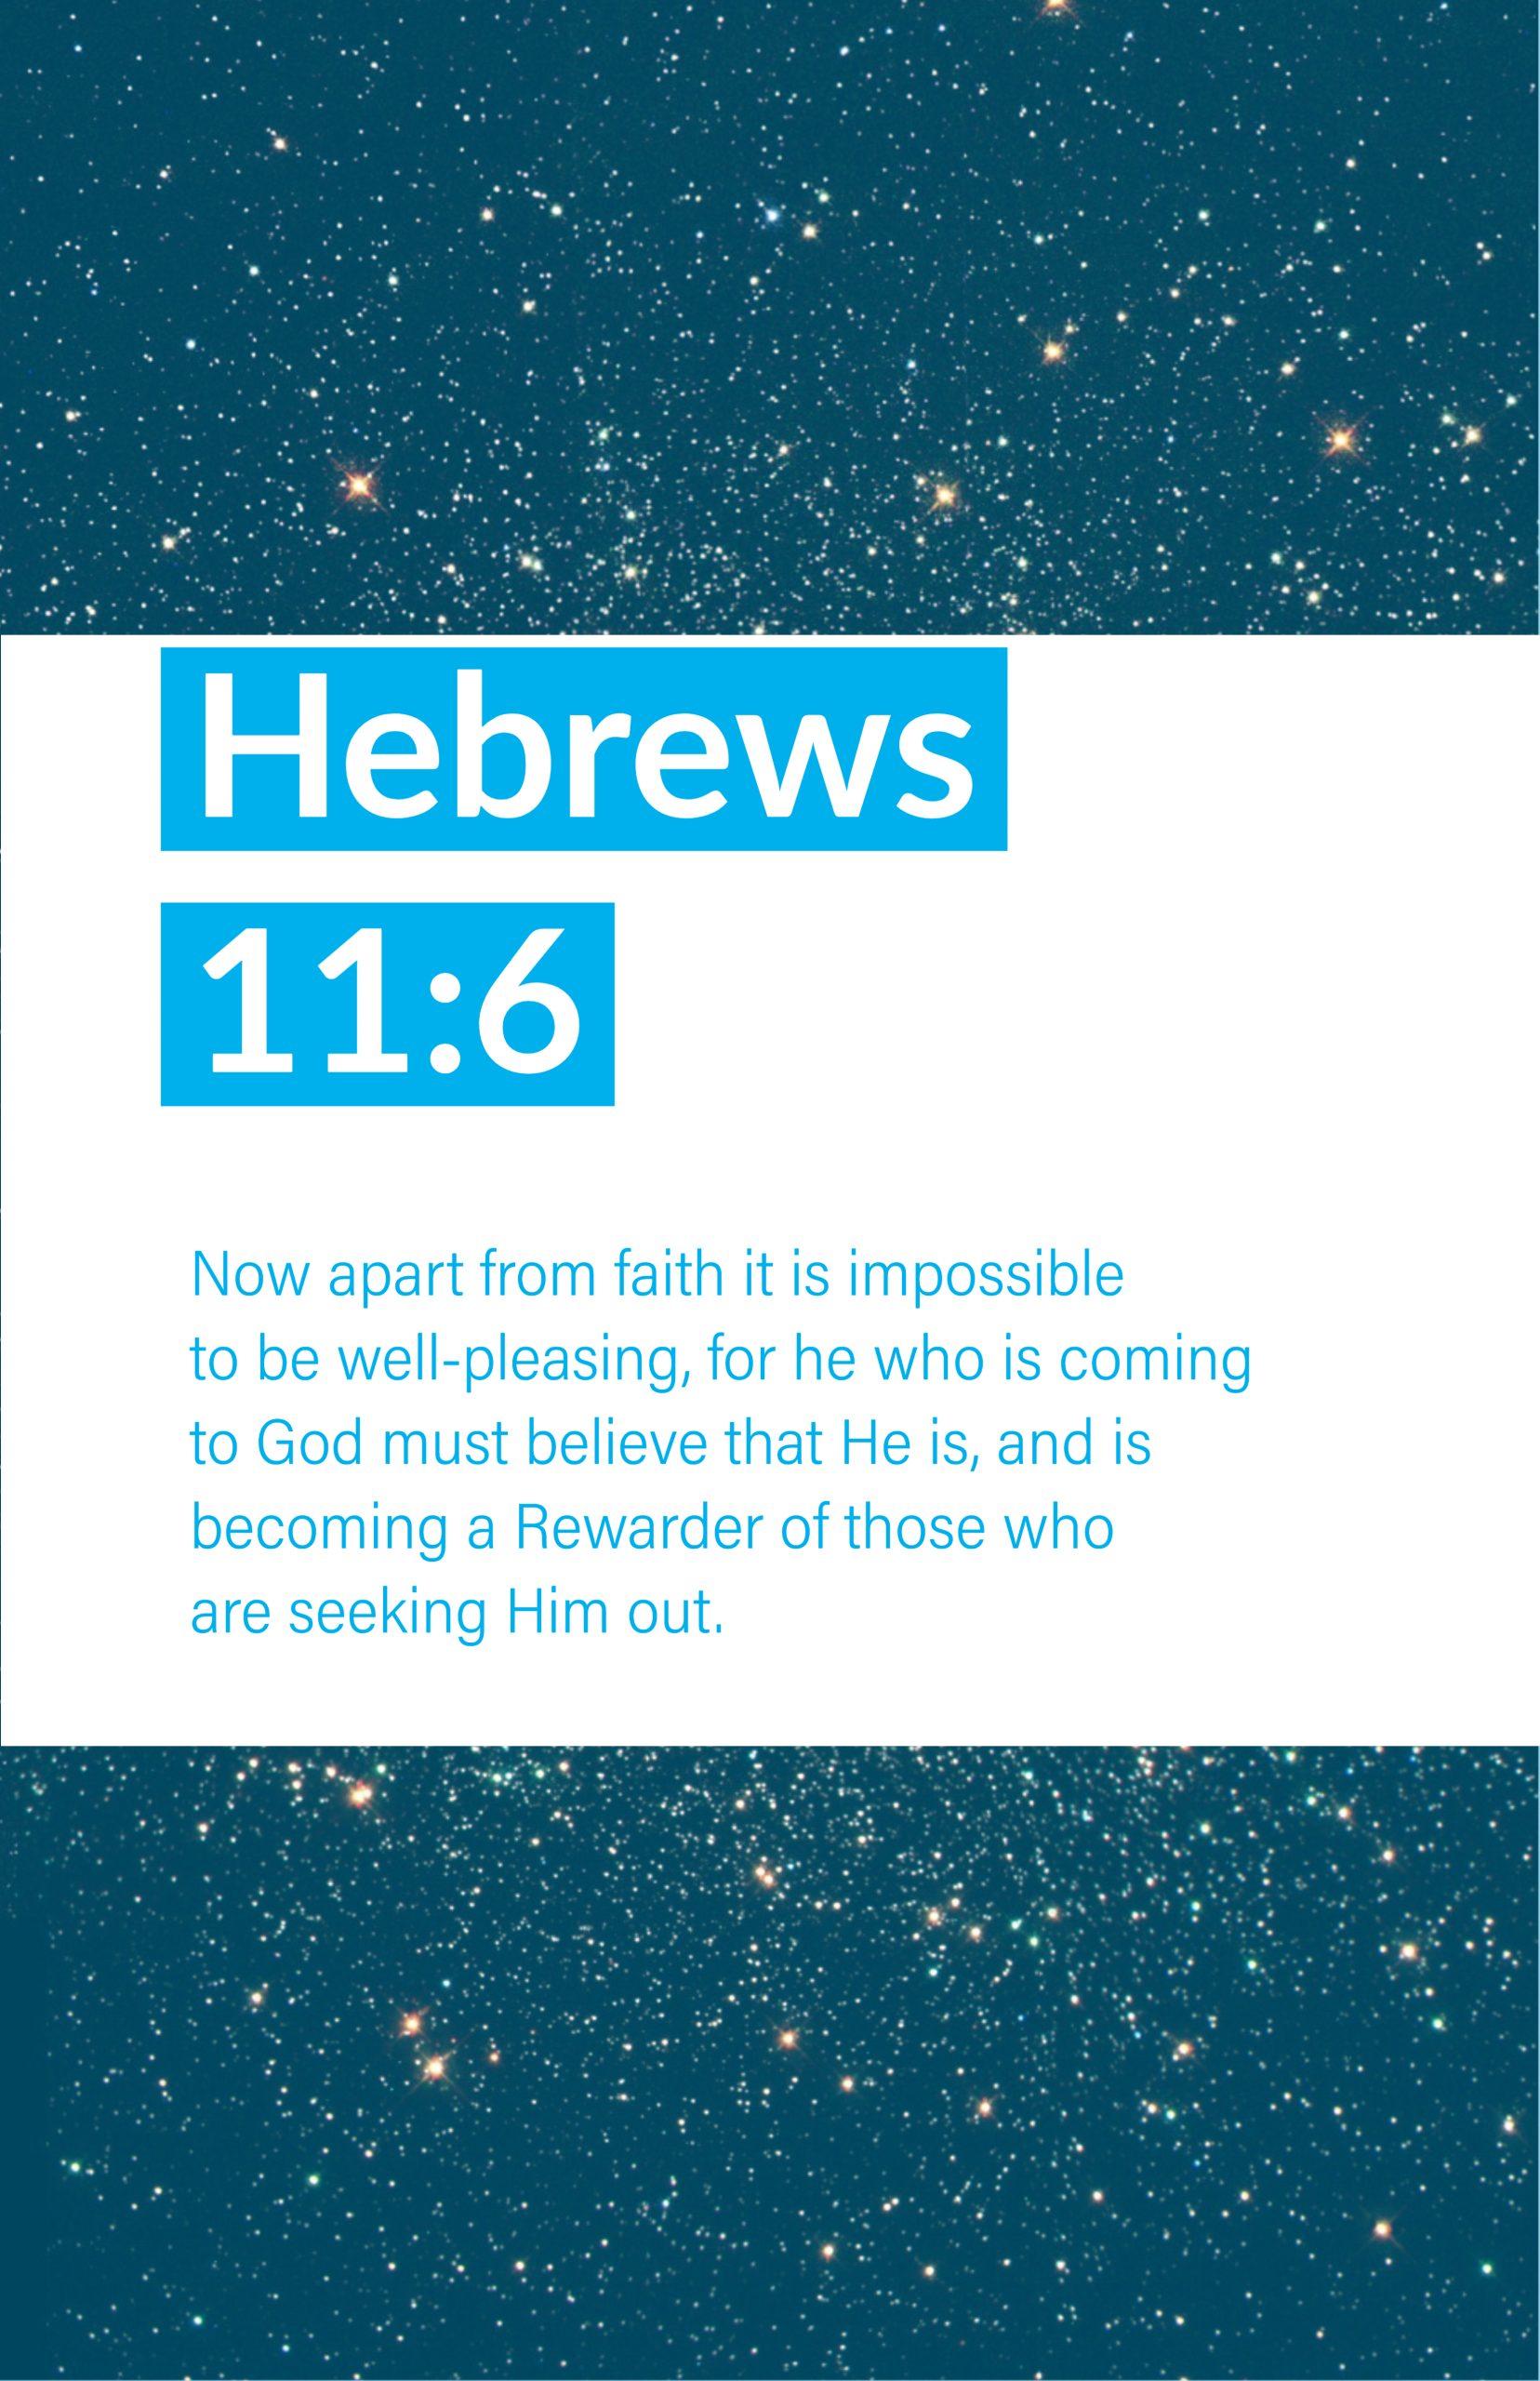 Hebrews 11-6-ste-do-cli